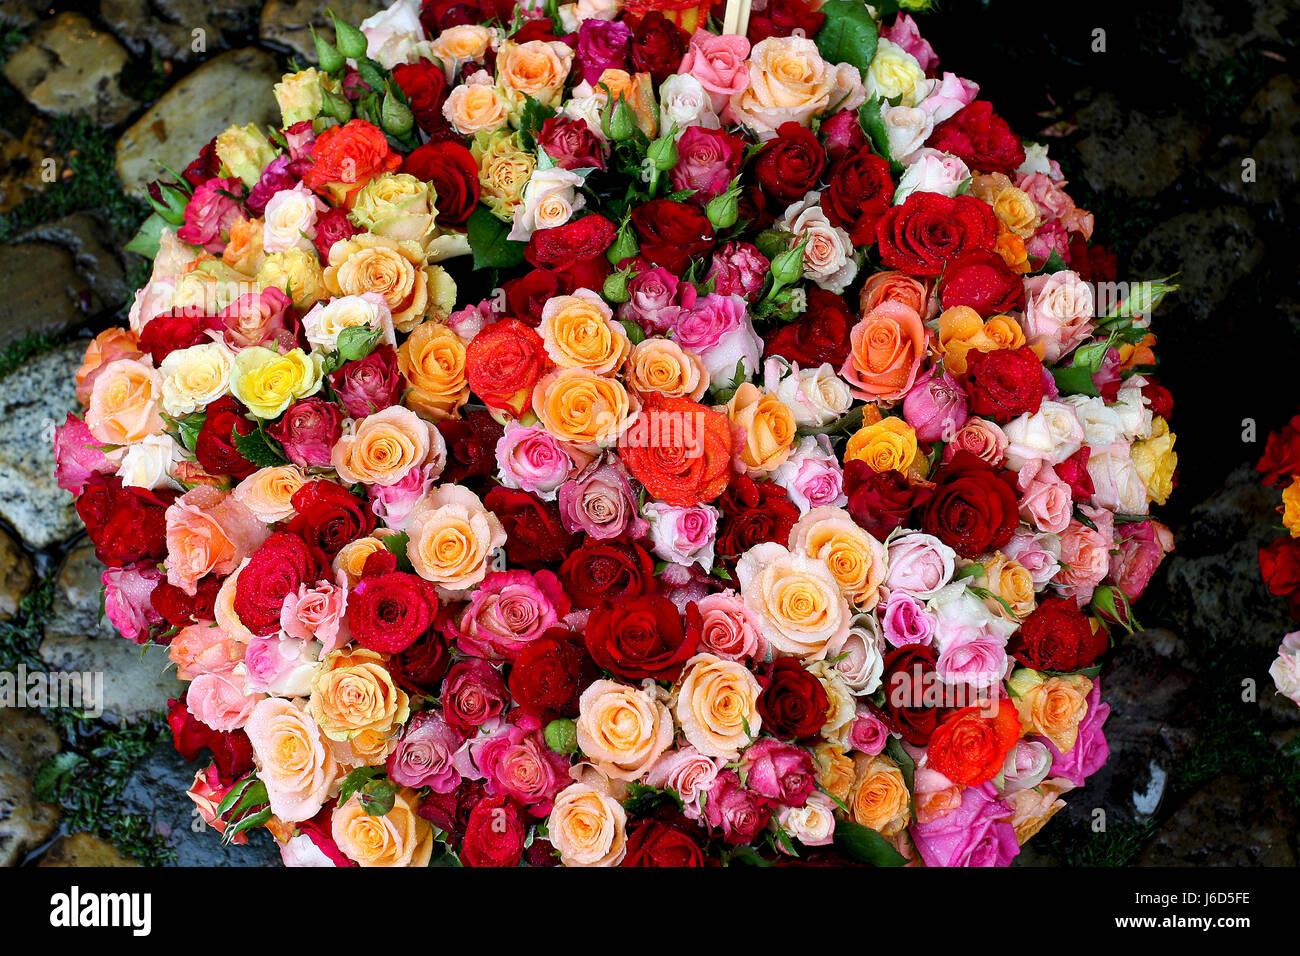 Discussion sur l'Etoile du 28 novembre   2020 - Page 15 Gros-bouquet-de-fleurs-rose-par-un-sentier-en-pierre-j6d5fe